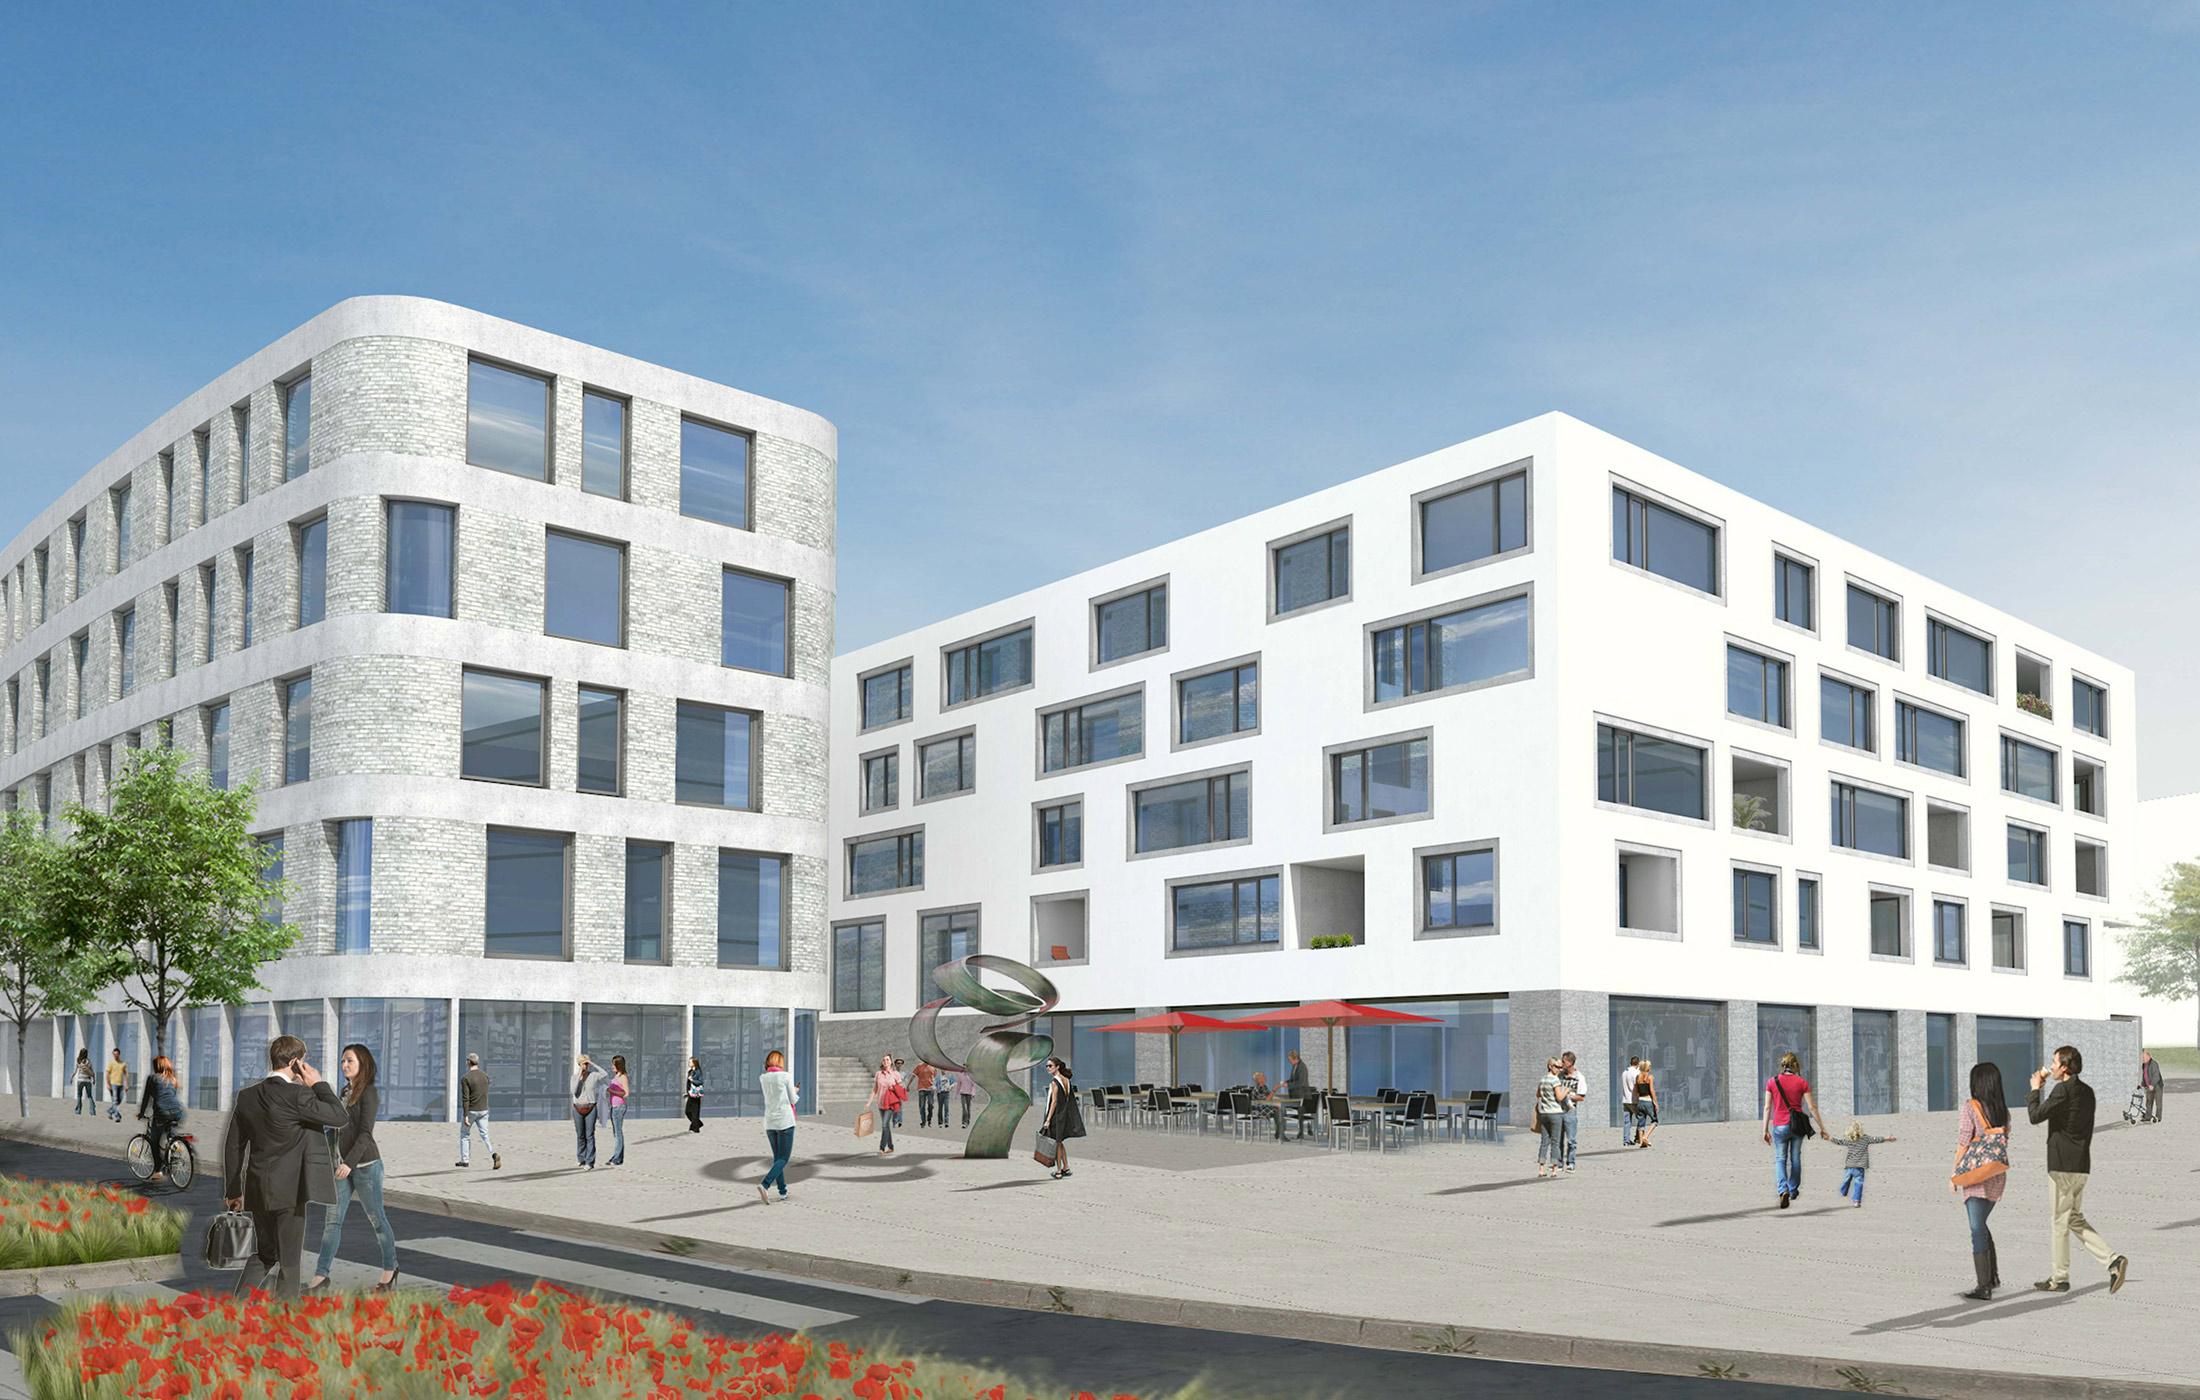 2018, Neubau City Quartier, Böblingen